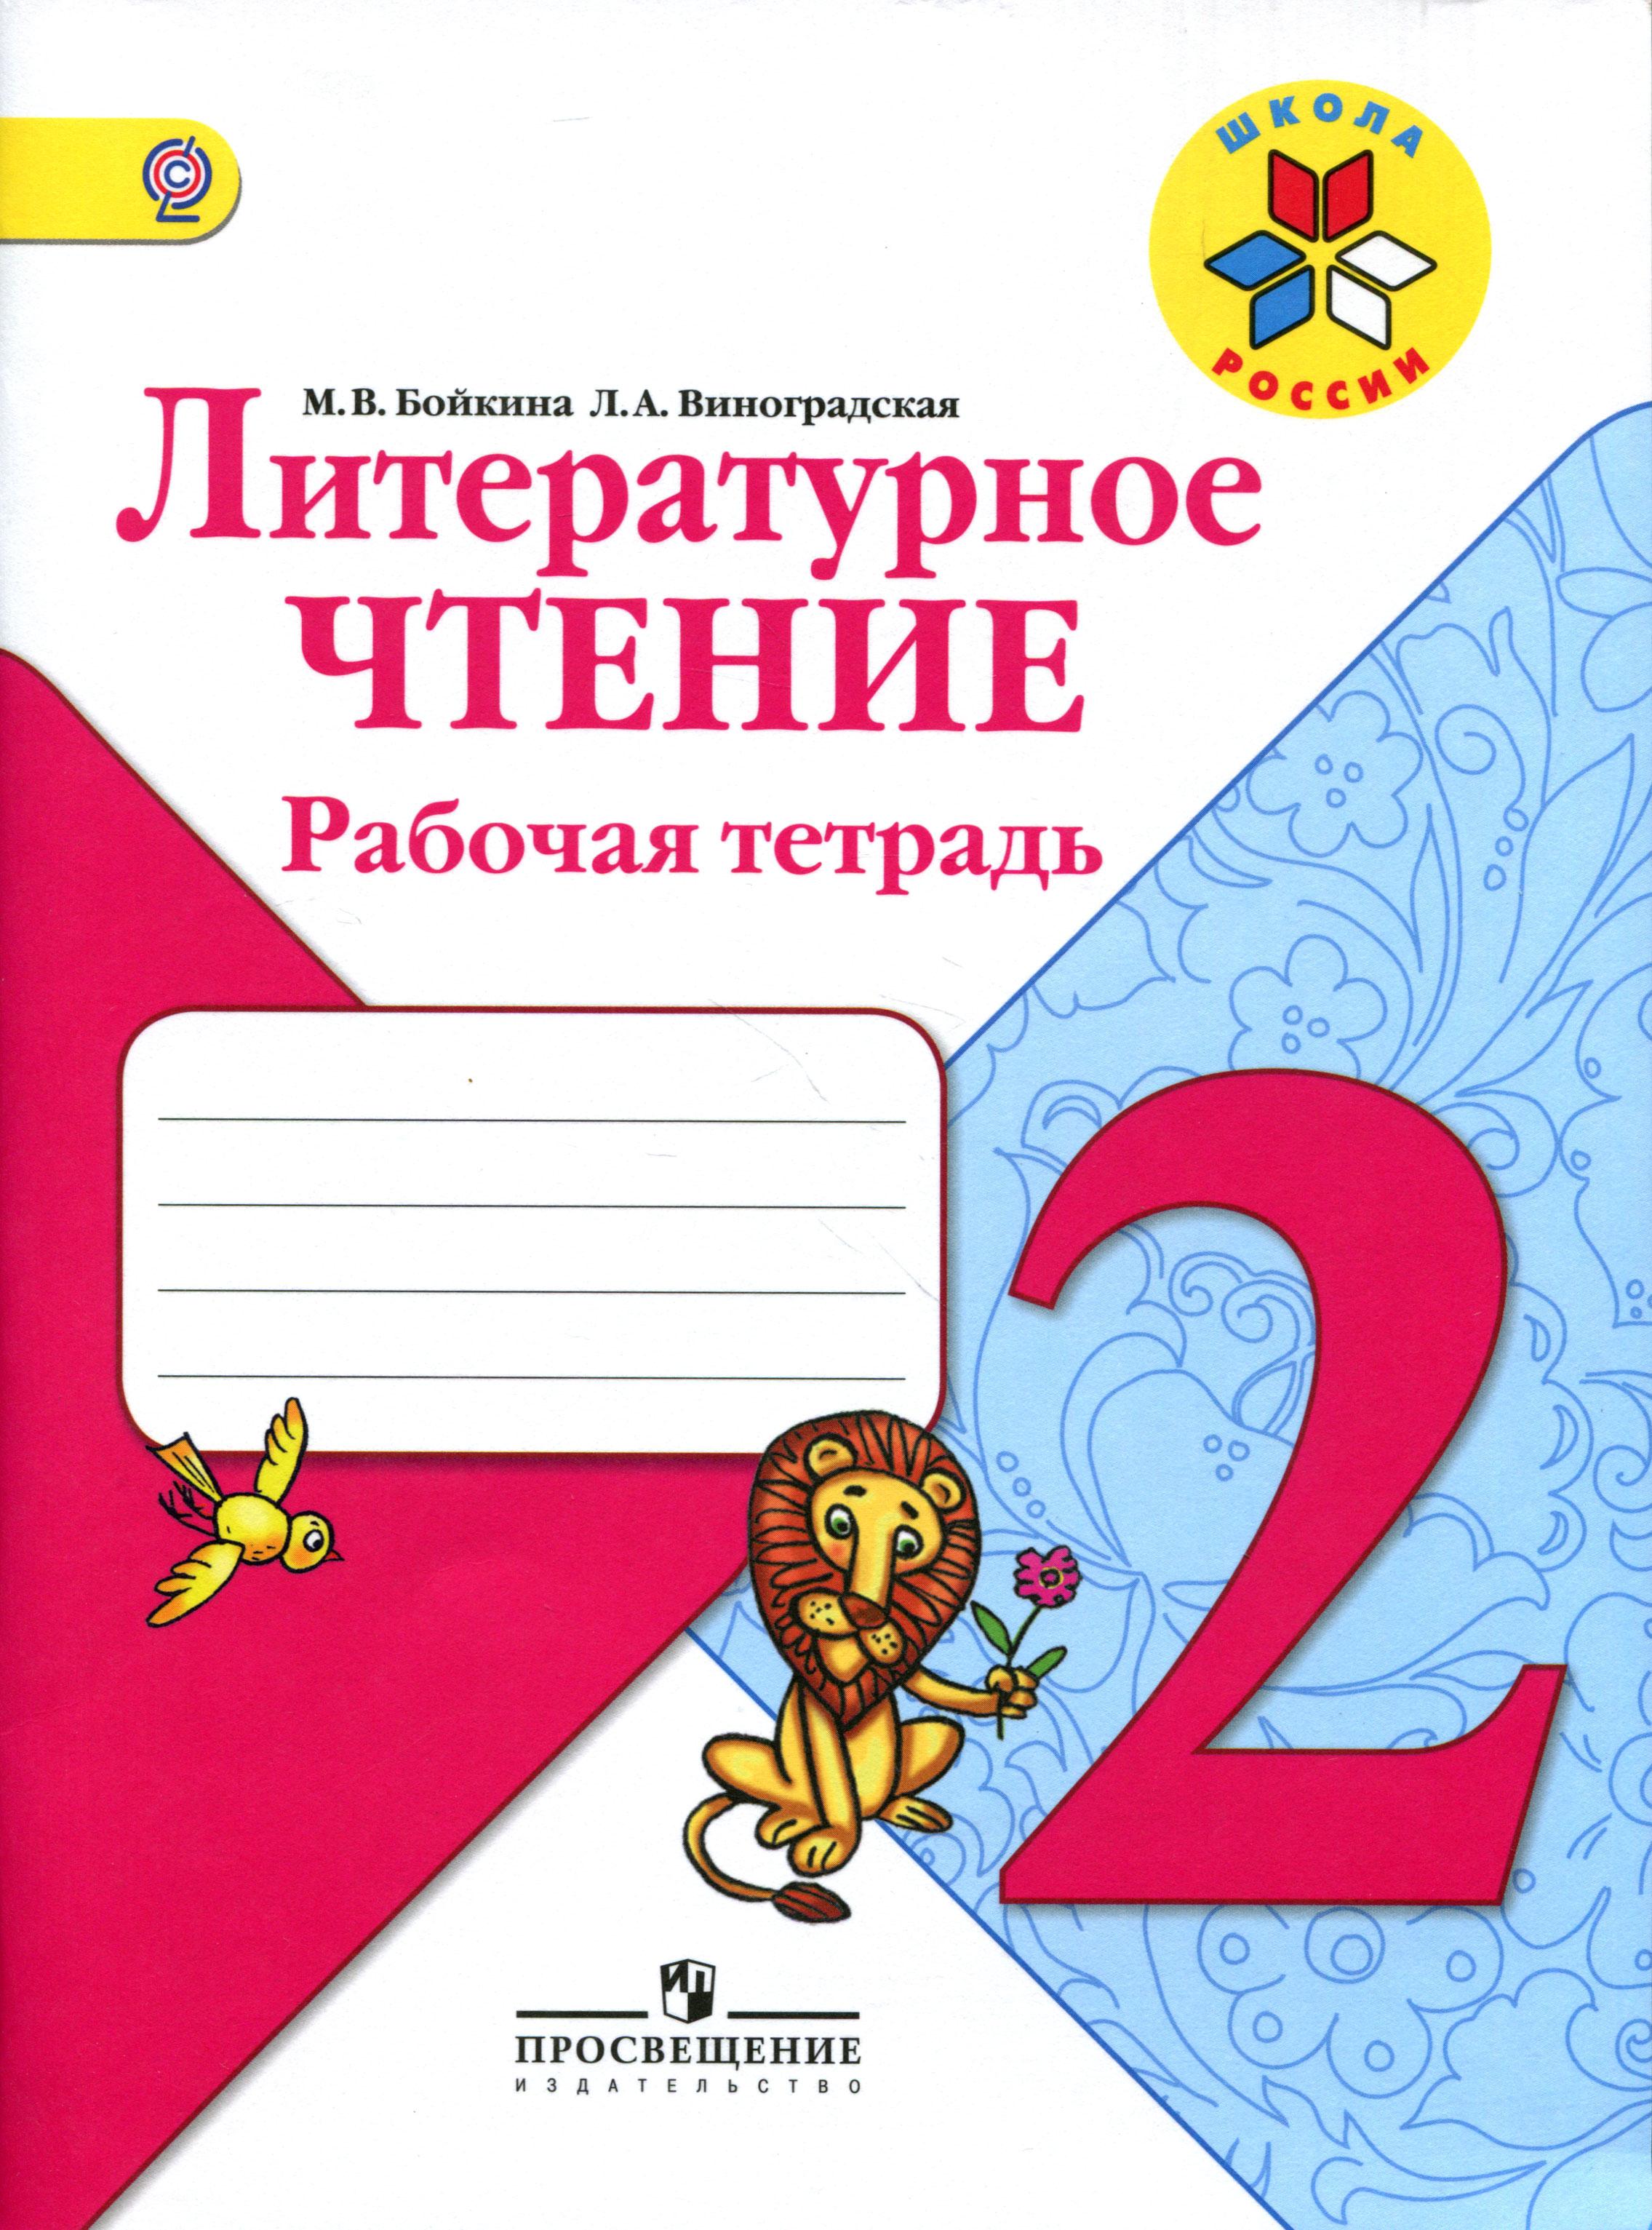 Литературное чтение. 2 класс. Рабочая тетрадь, М. В. Бойкина, Л. А. Виноградская